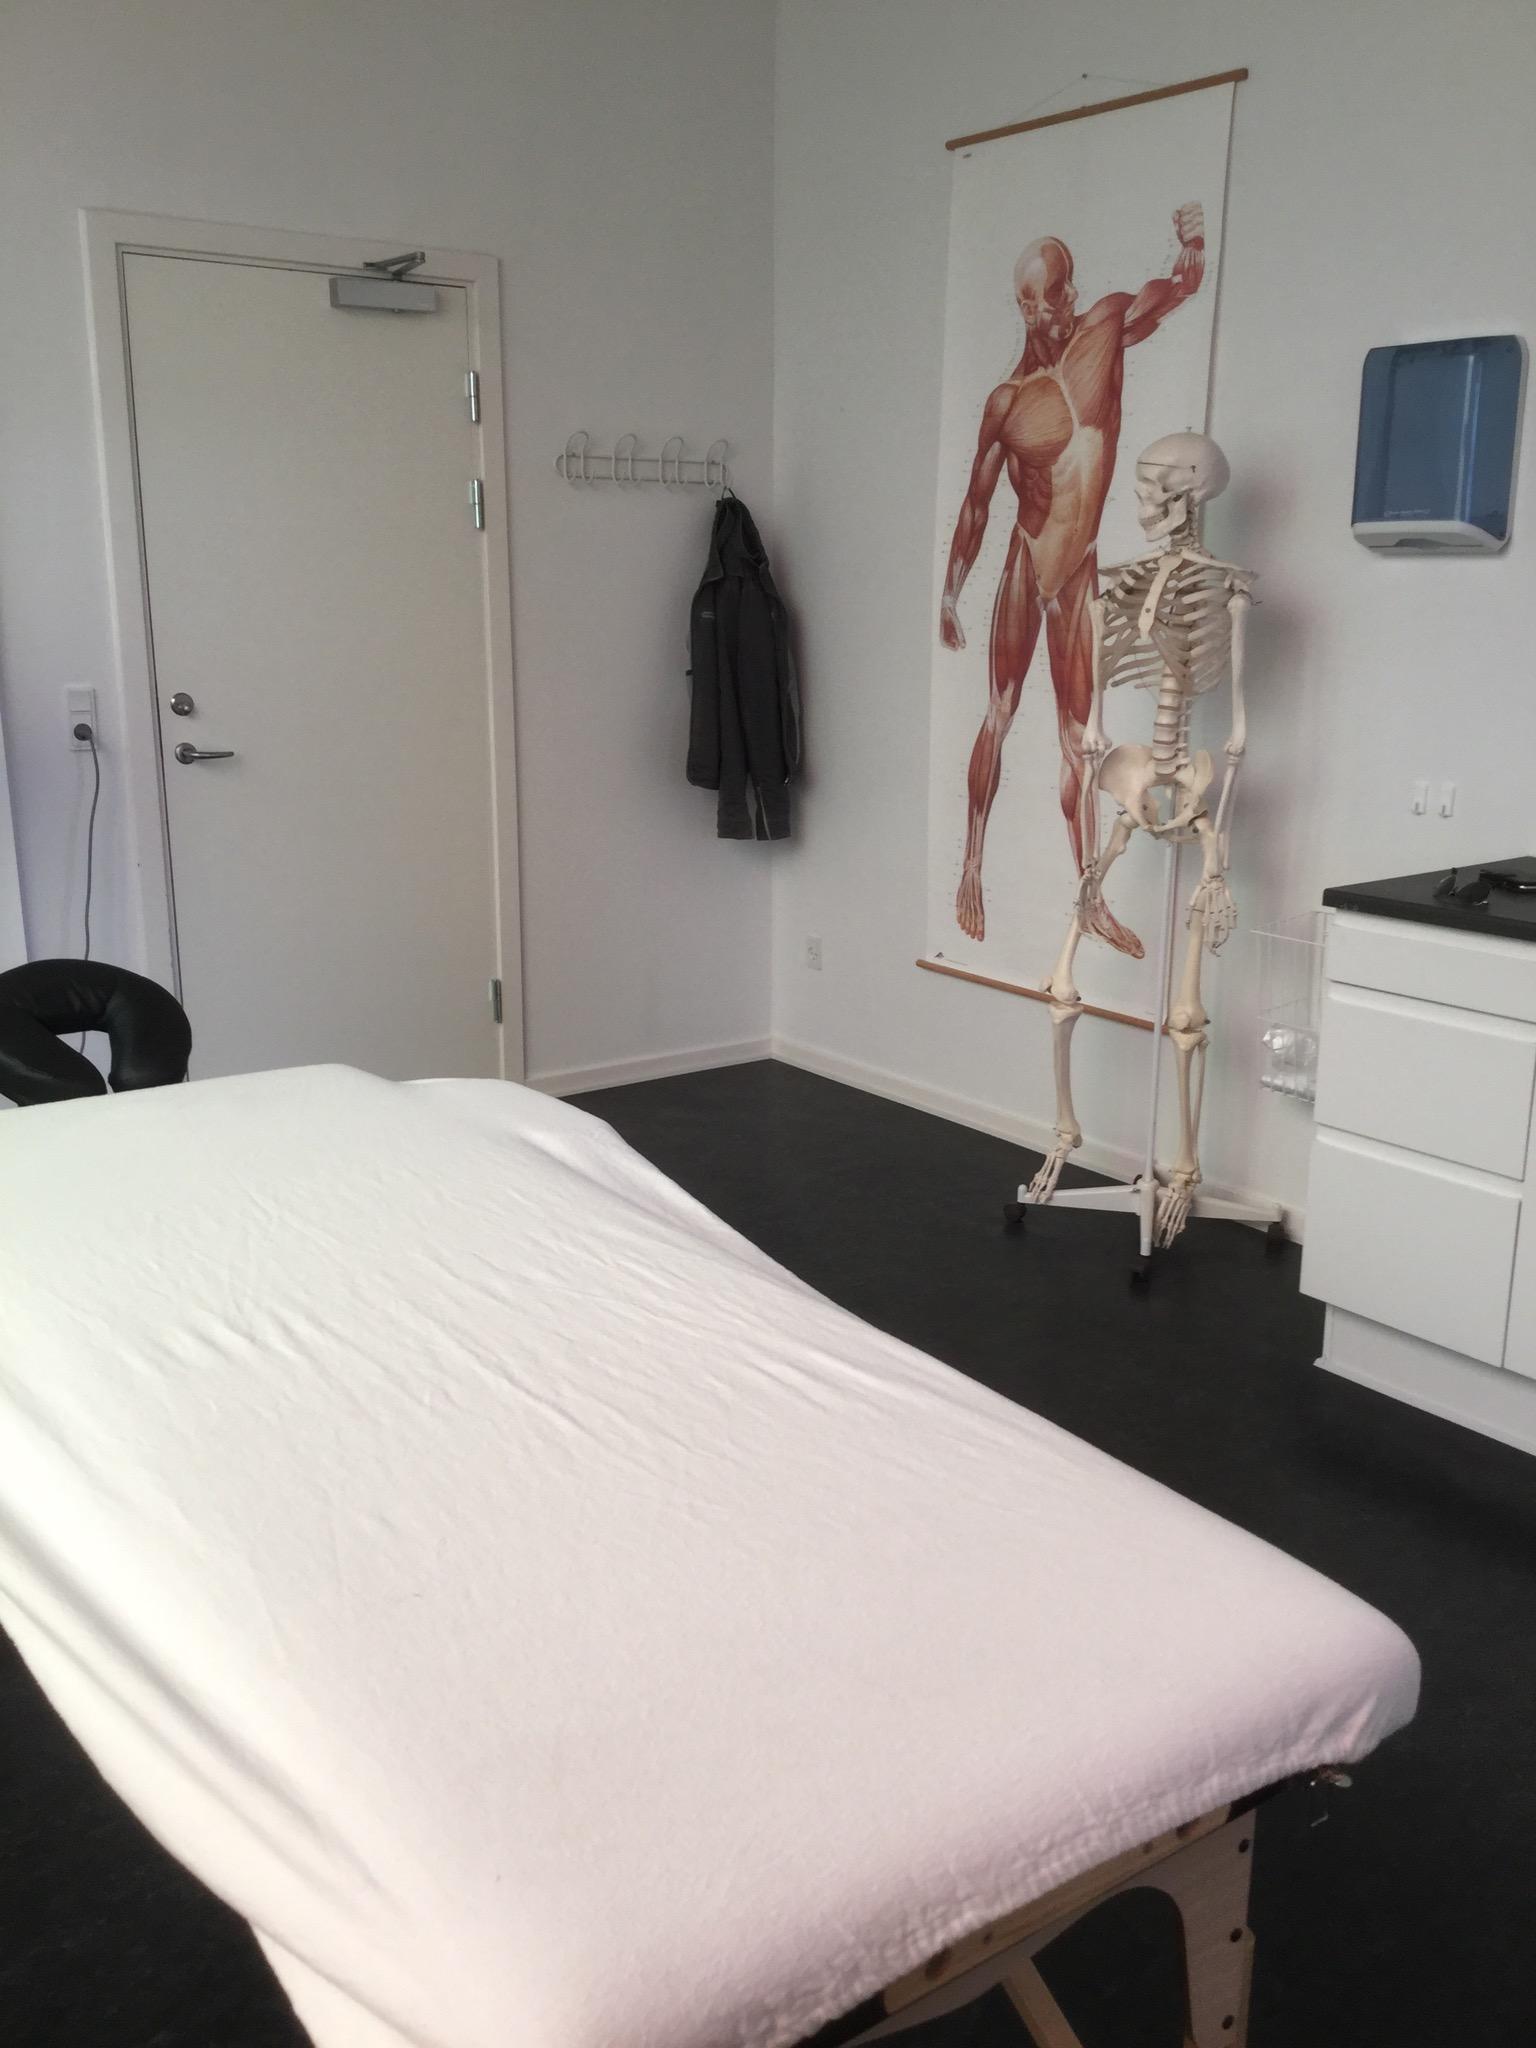 siam massage ikast Sidste år og bælte